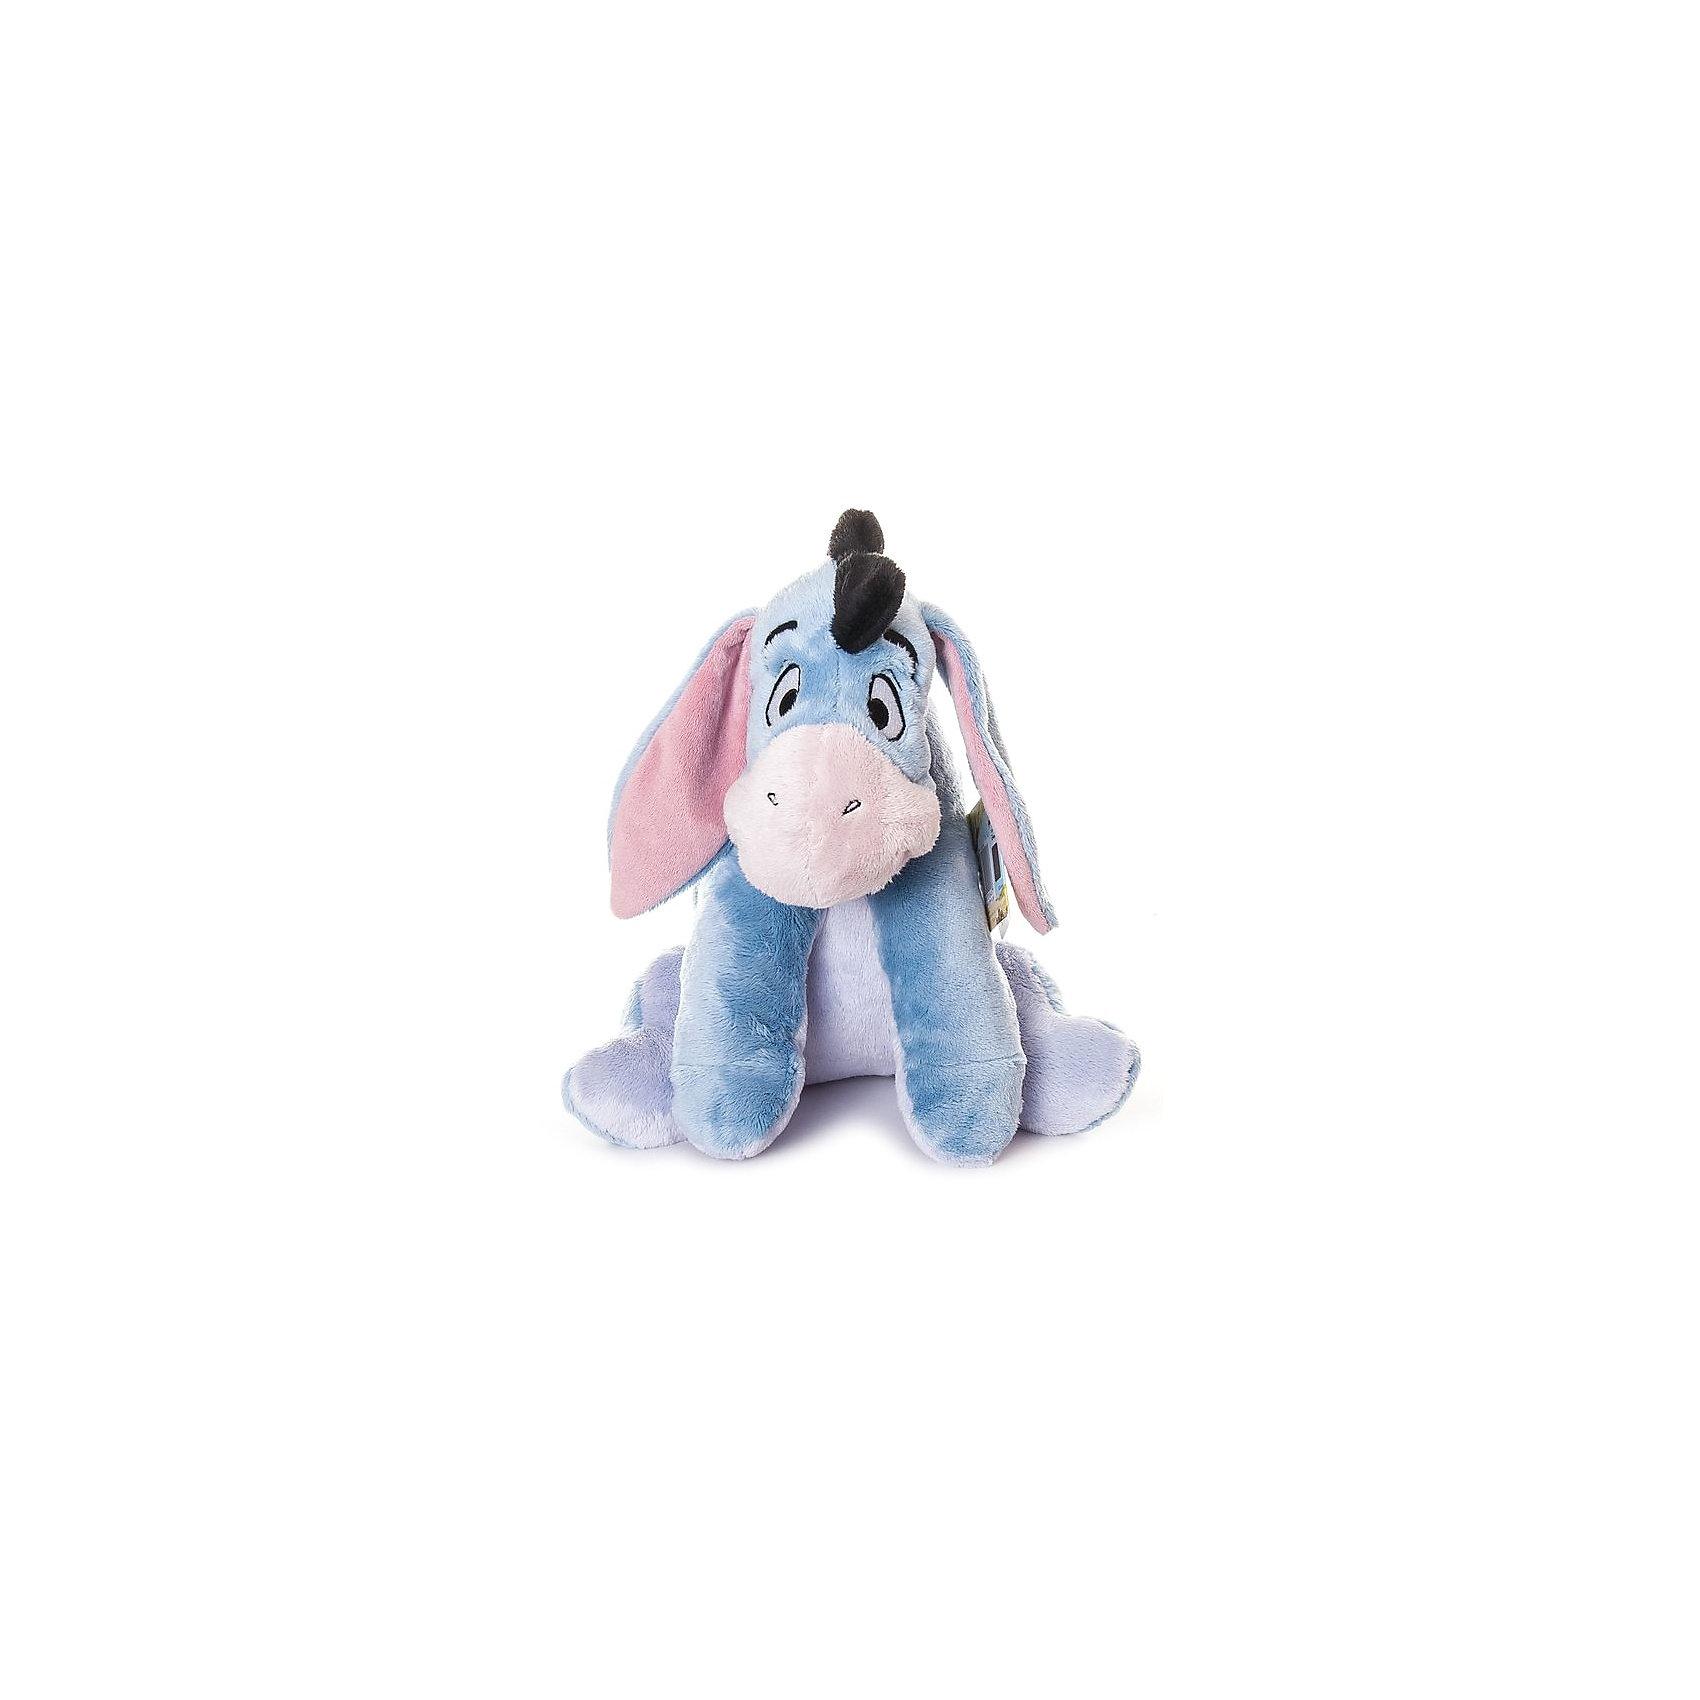 Disney Мягкая игрушка Ушастик, 35 см, Винни Пух мона лиза постельное белье детское винни на радуге винни пух disney